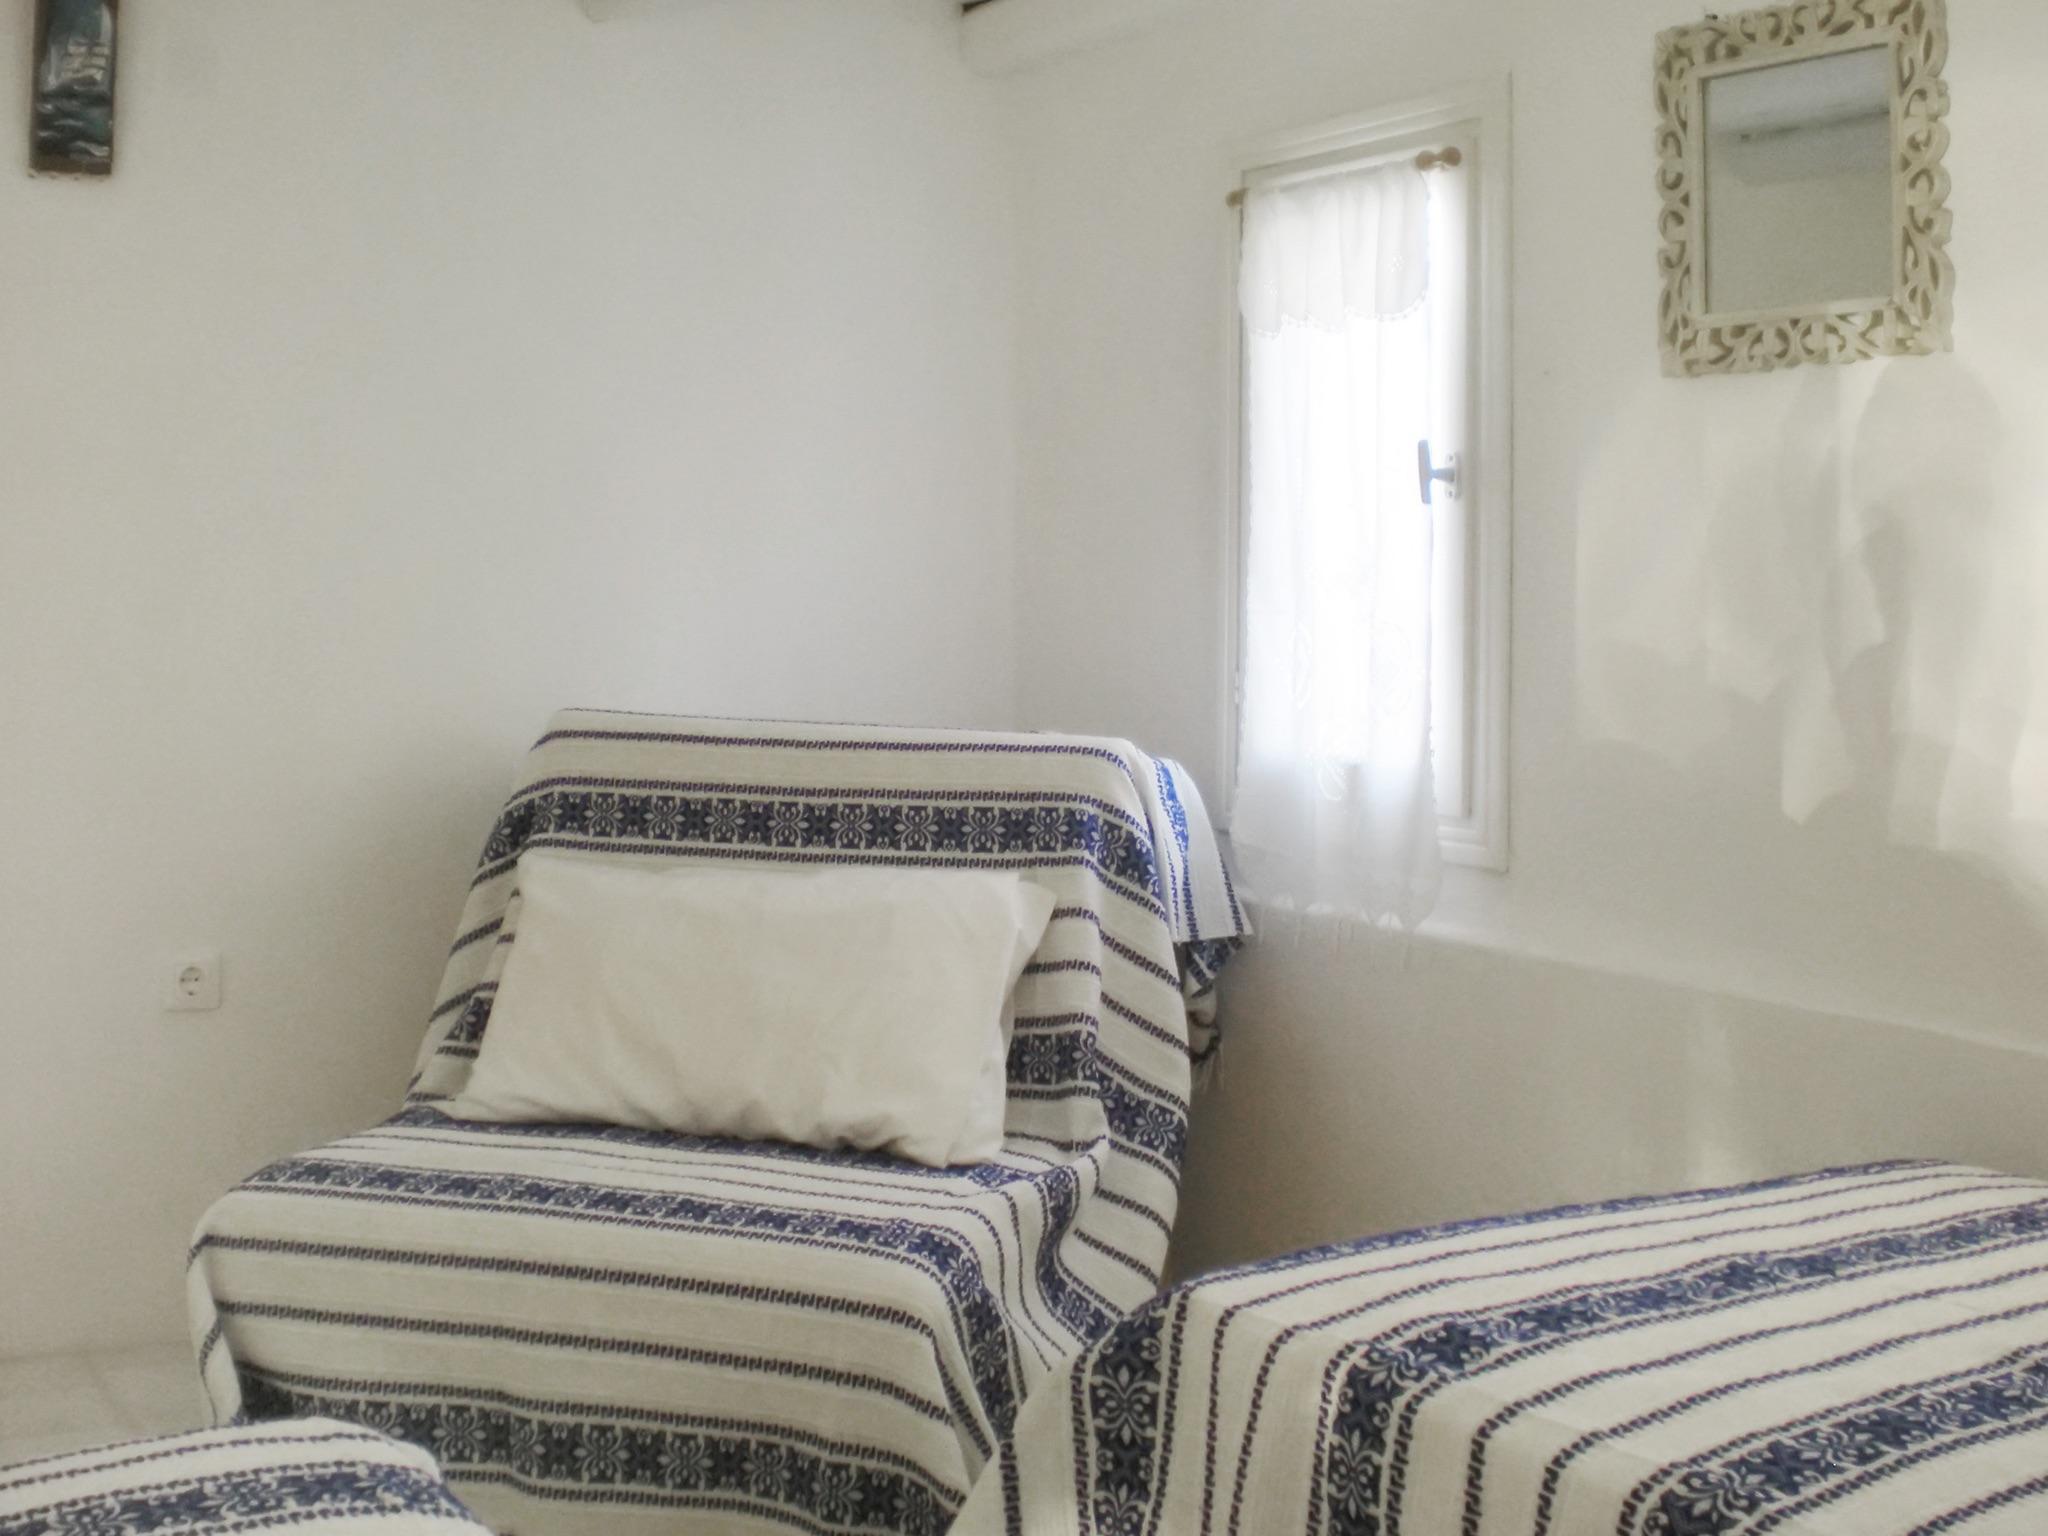 Ferienhaus Villa im Kykladen-Stil auf Paros (Griechenland), mit 2 Schlafzimmern, Gemeinschaftspool &  (2201782), Paros, Paros, Kykladen, Griechenland, Bild 11